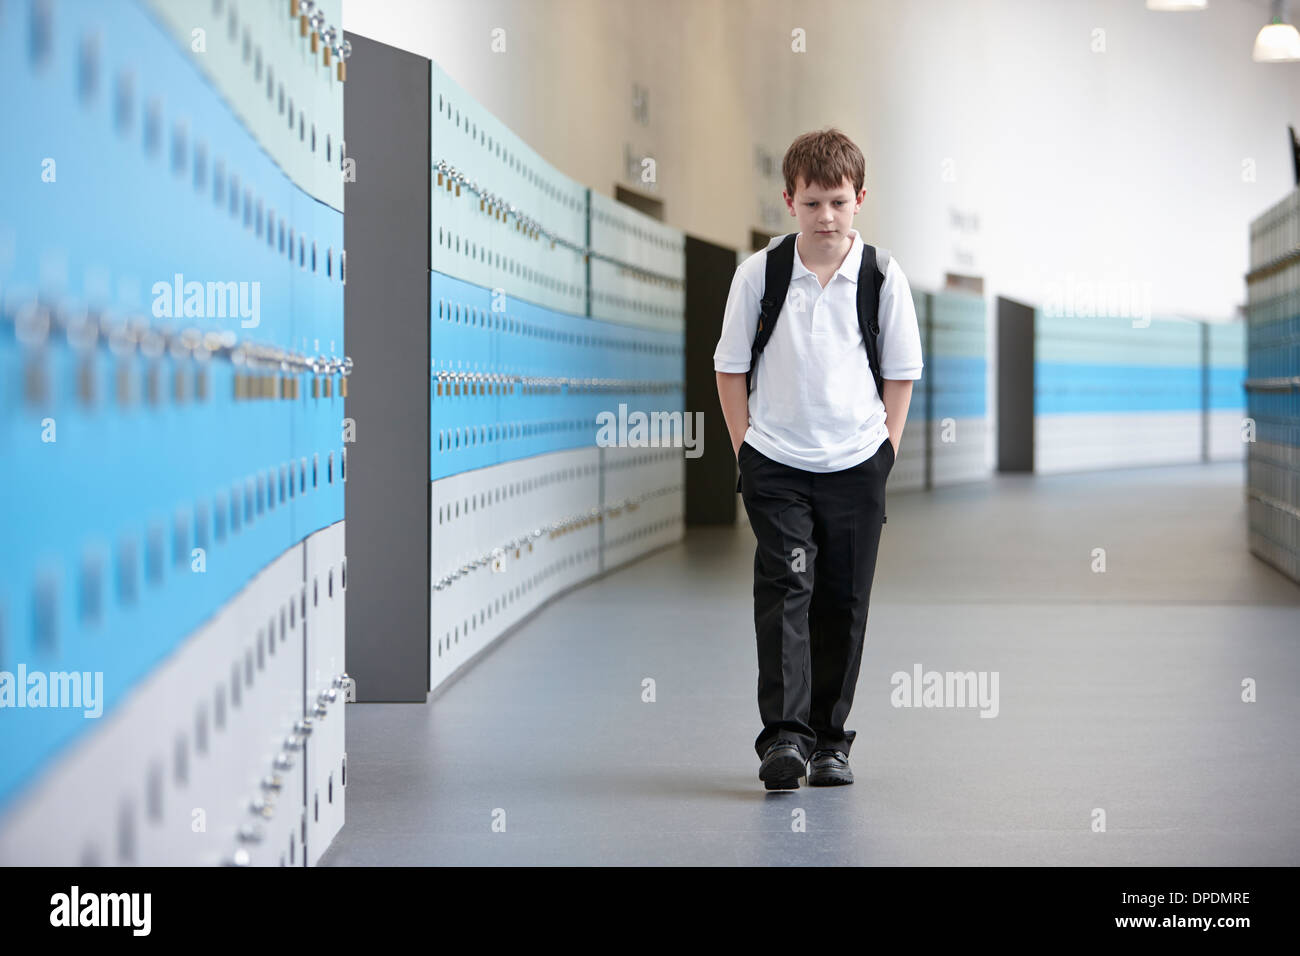 Écolier malheureux de marcher seul dans les couloir d'école Photo Stock